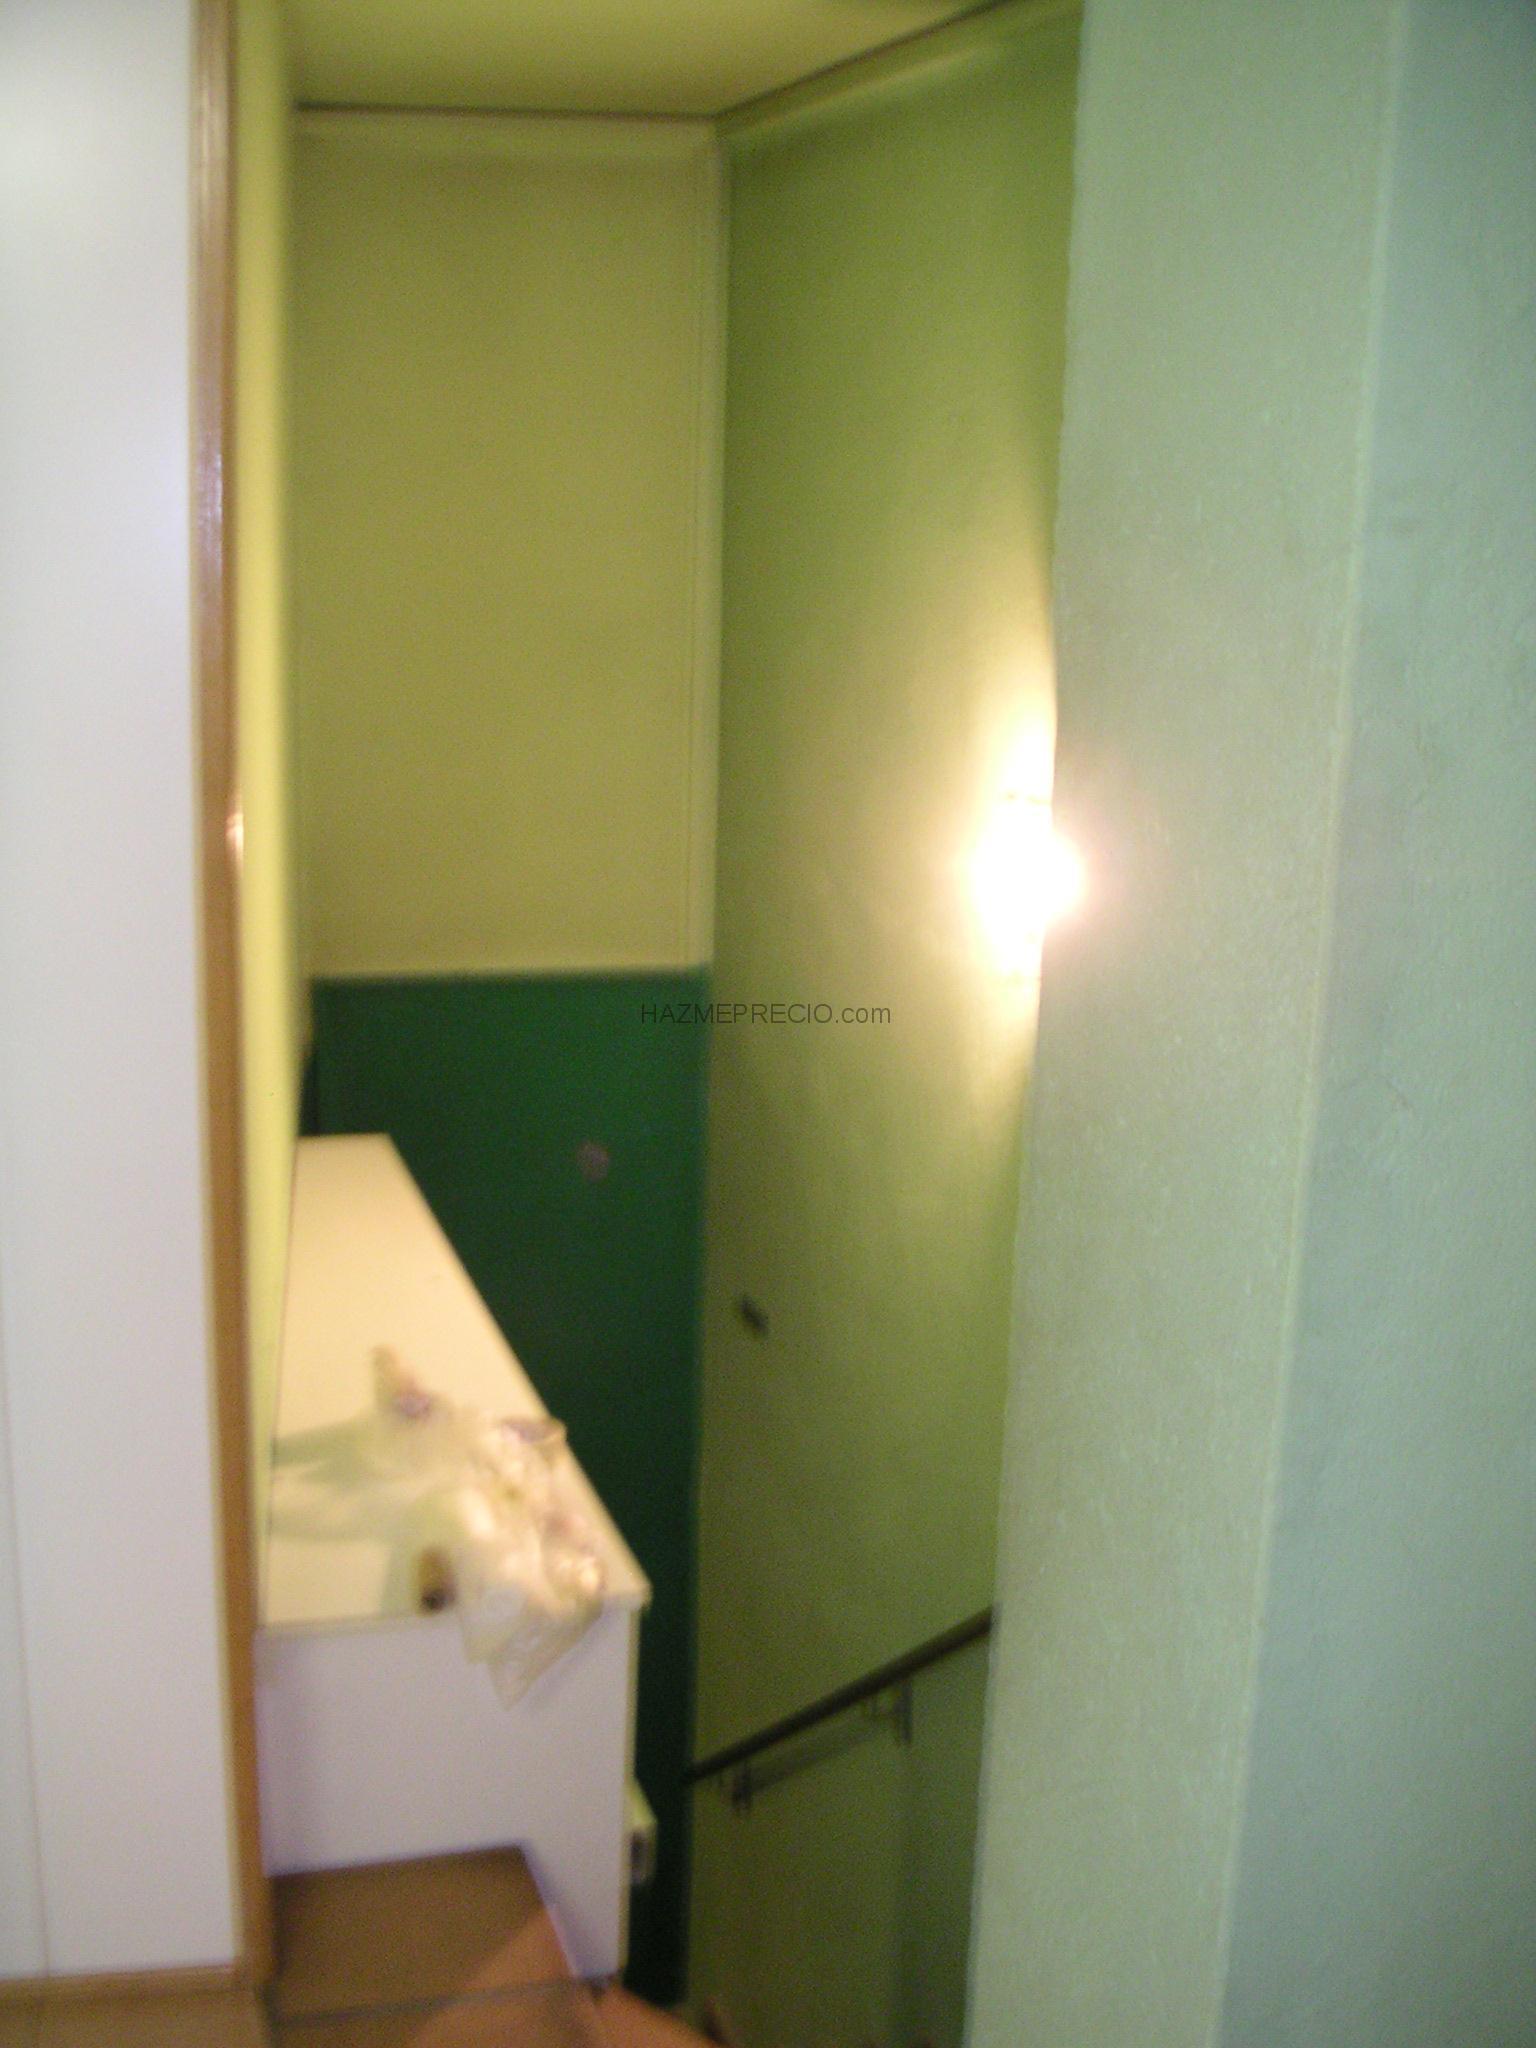 Presupuesto para pintar piso duplex de 90m2 hospitalet for Presupuesto pintar piso 100m2